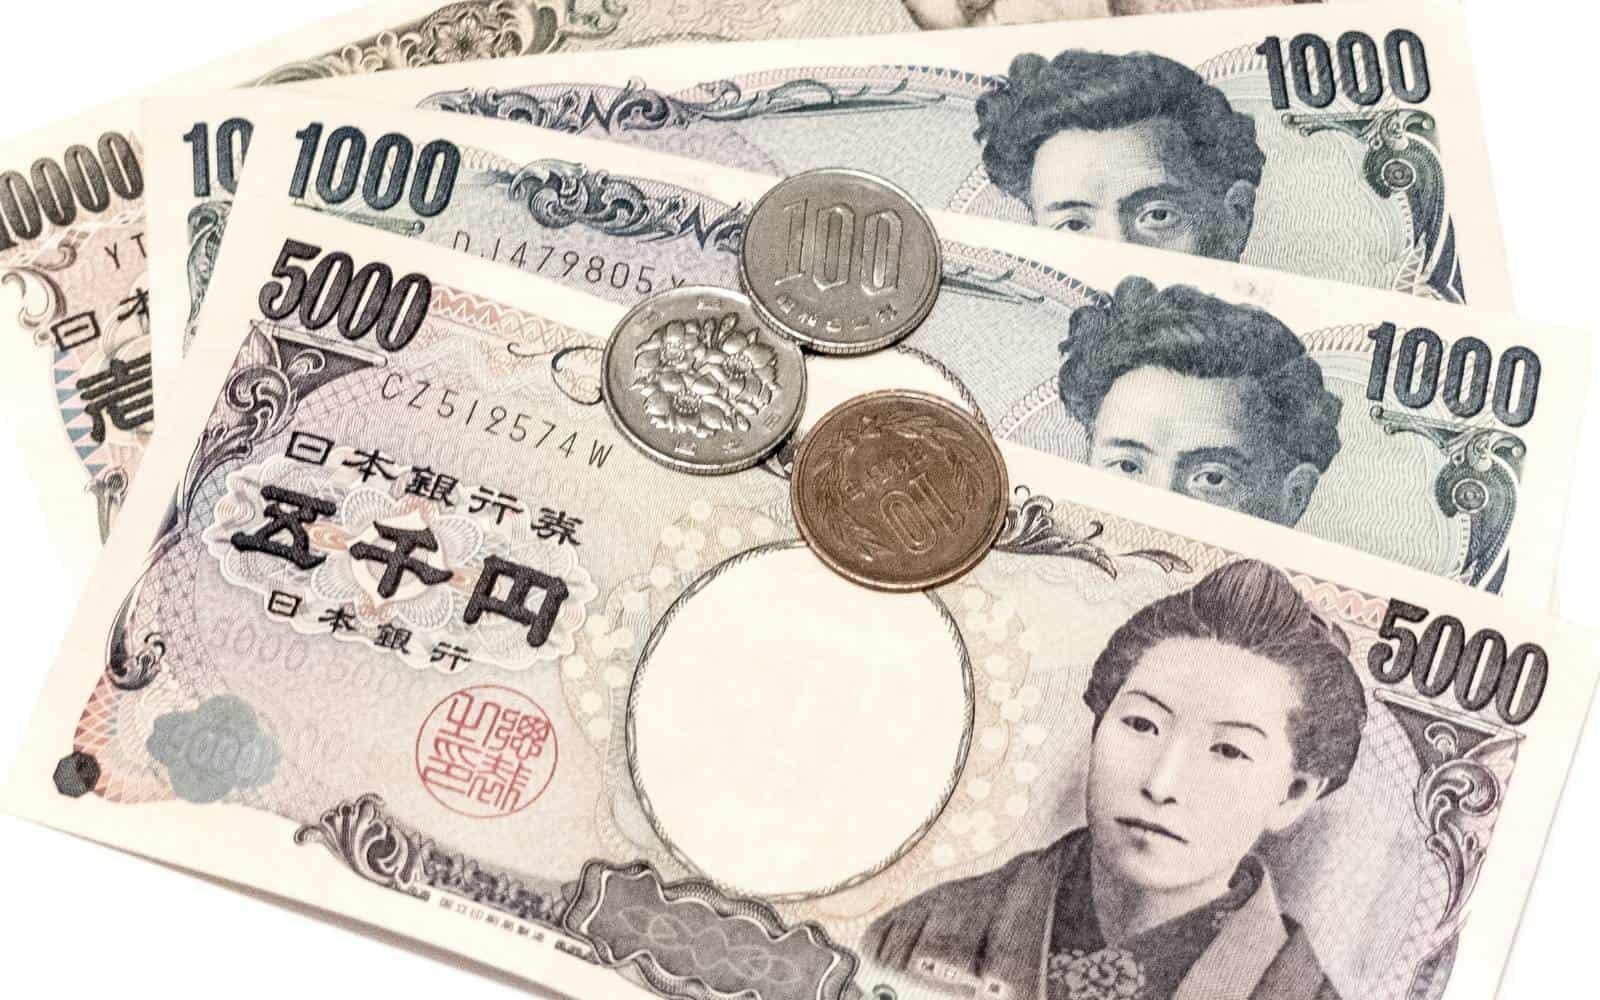 Inviare denaro in Giappone